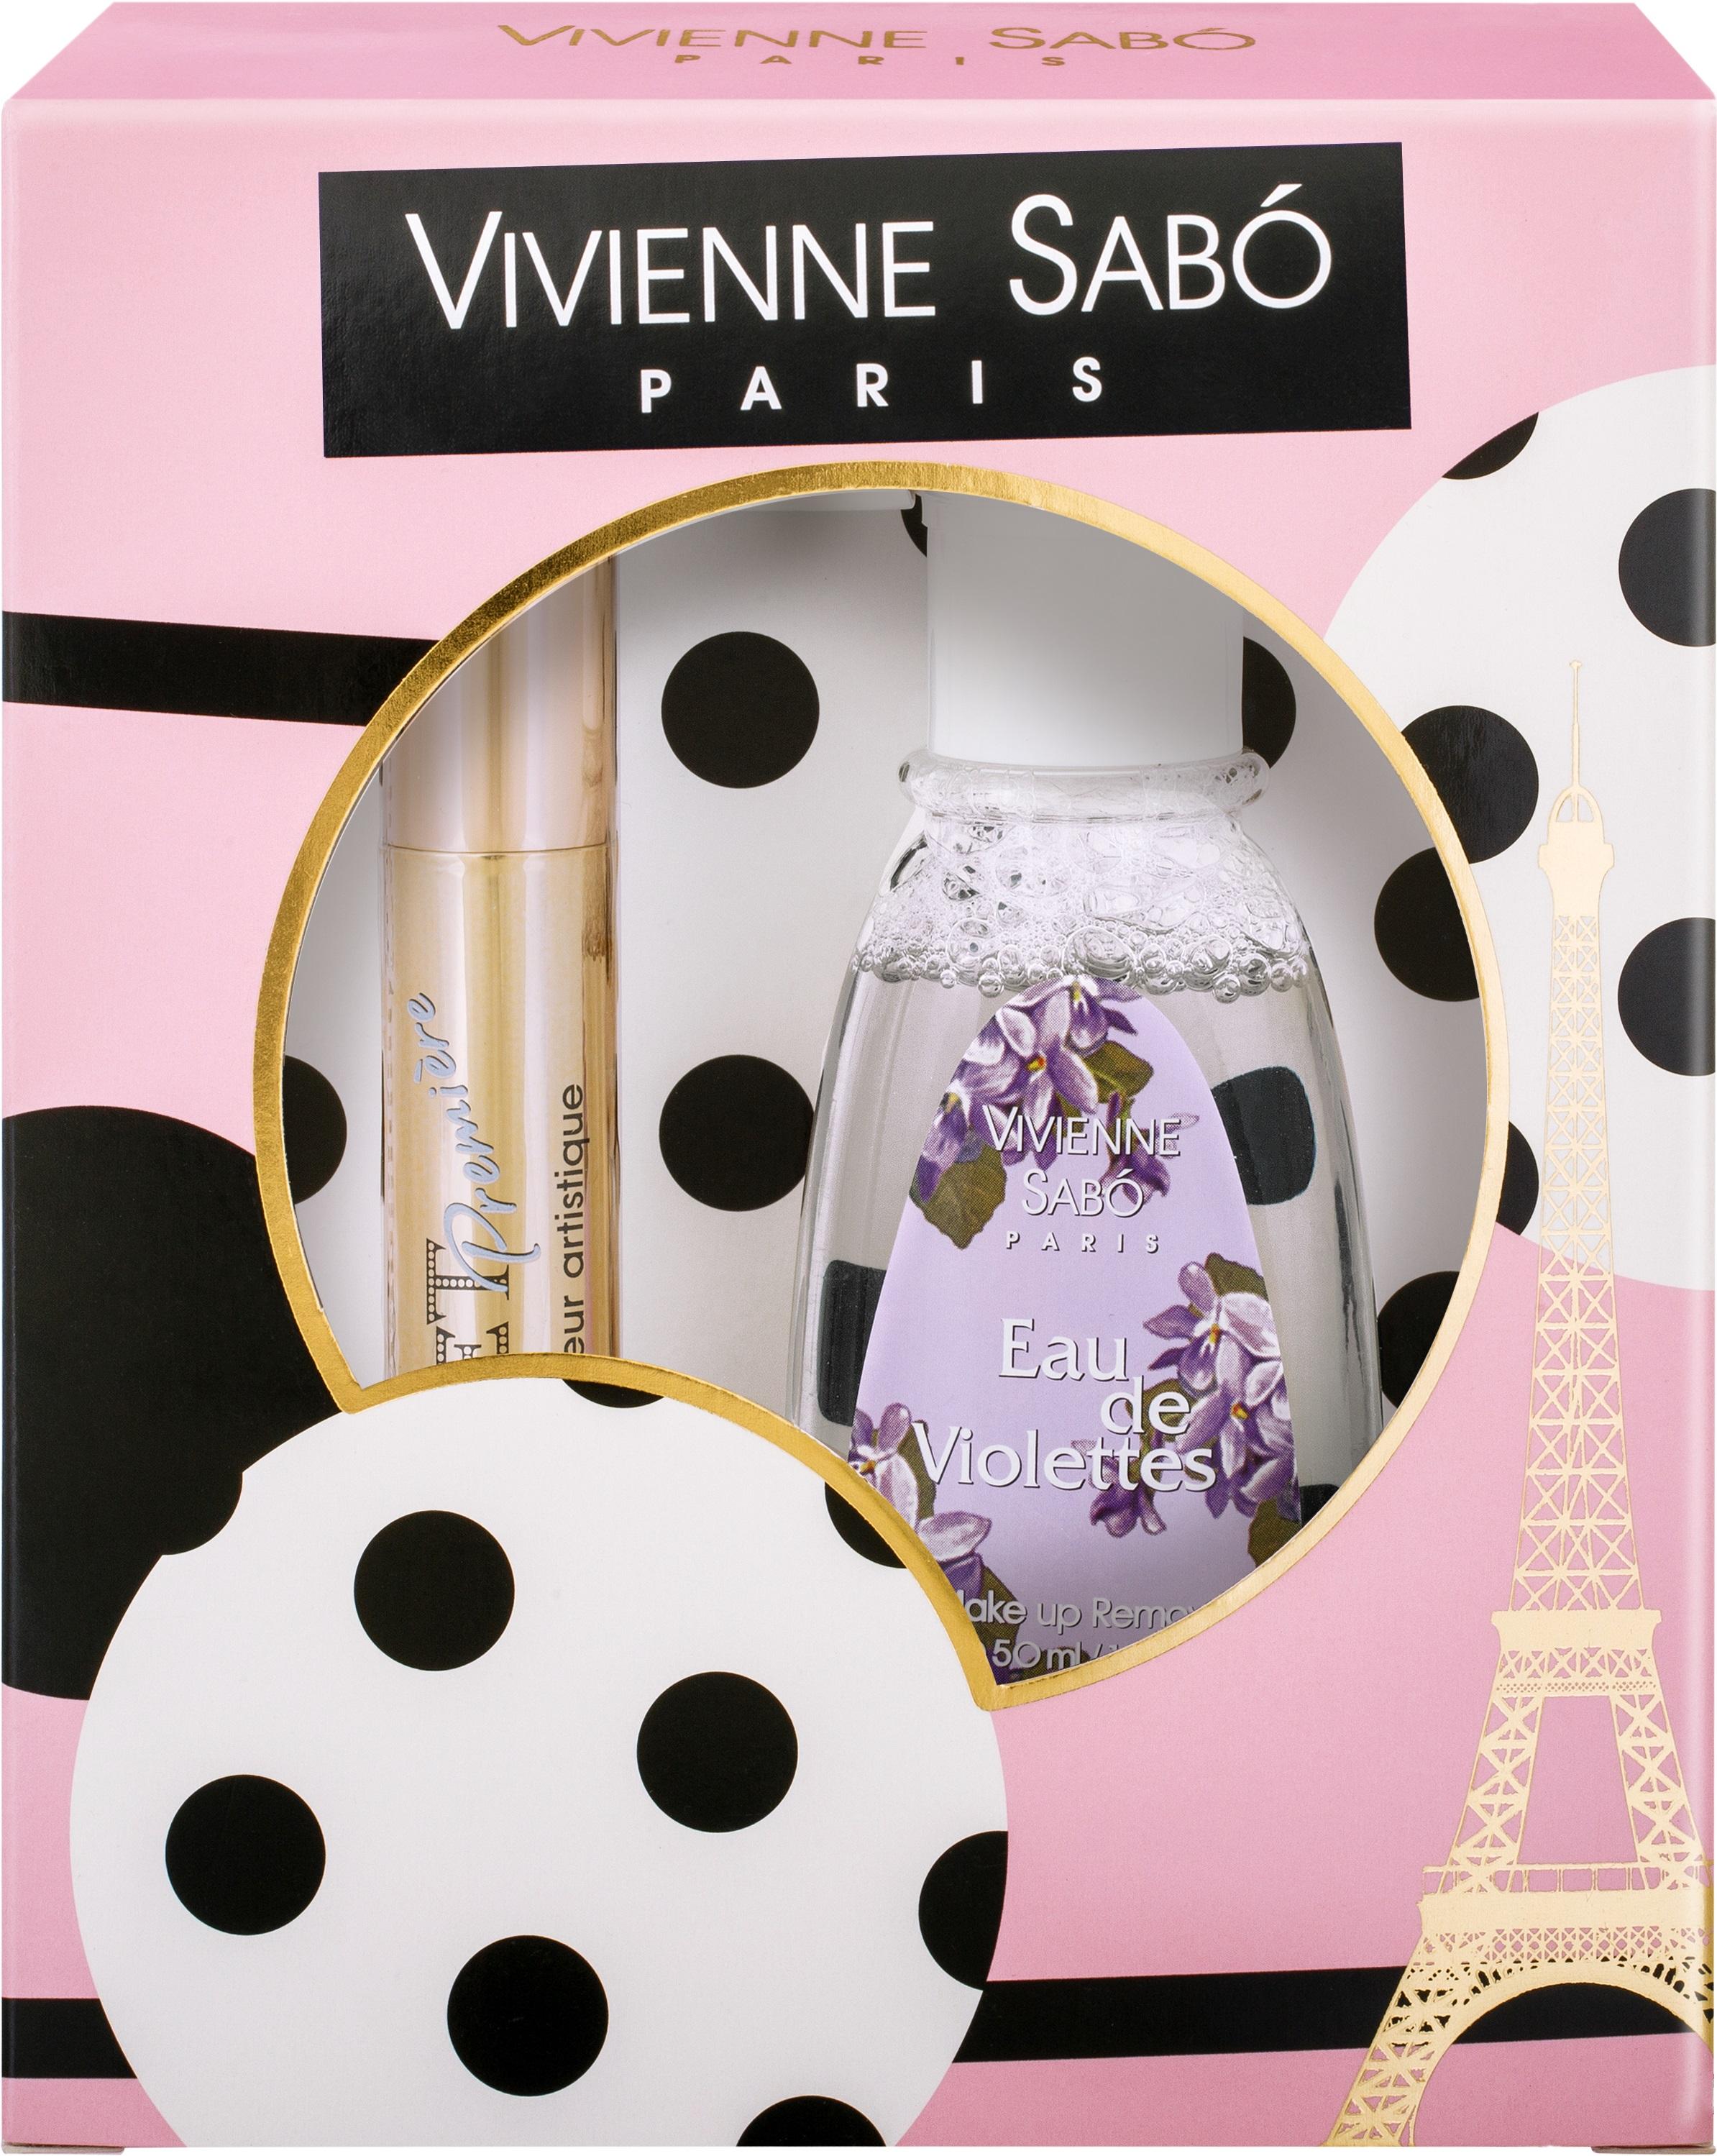 Vivienne Sabo Подарочный набор Тушь Cabaret premiere т. 01 и Жидкость для снятия макияжа